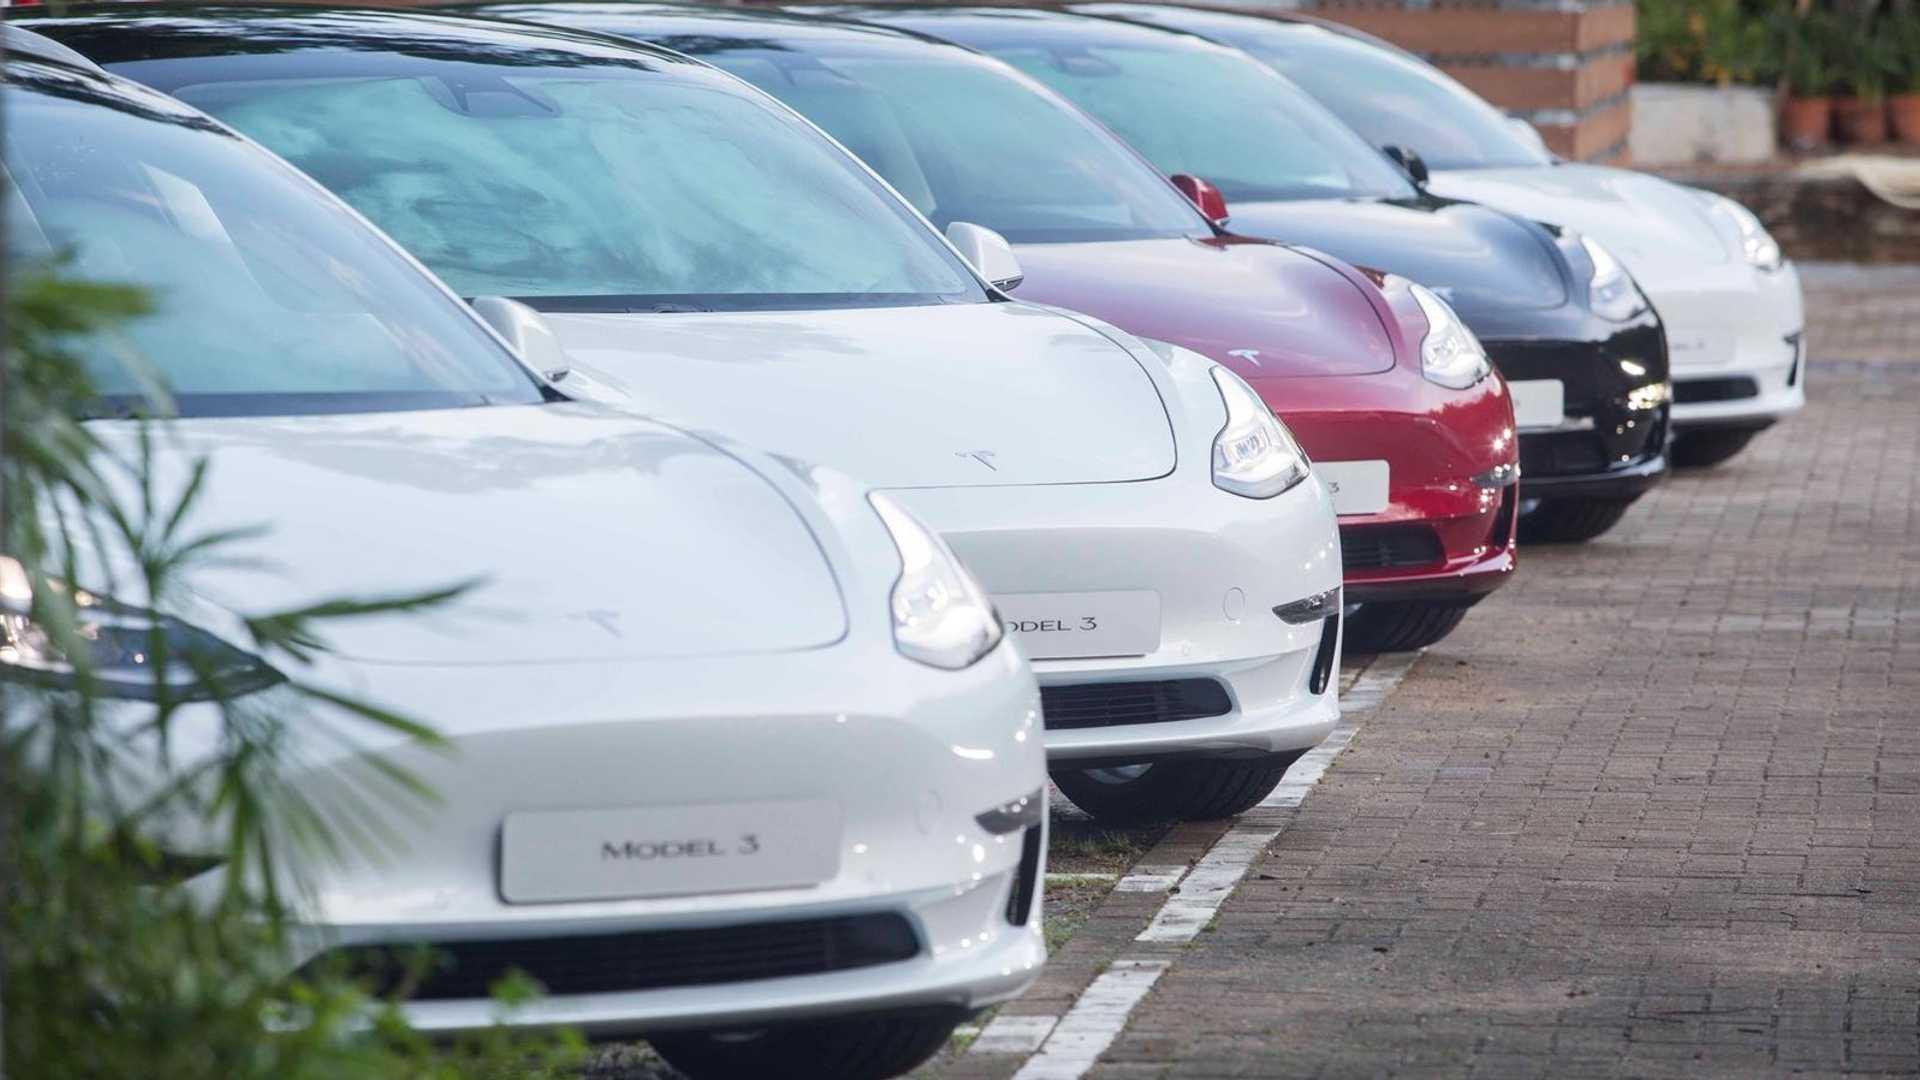 Интерес к электромобилям растет, несмотря на пандемию COVID-19